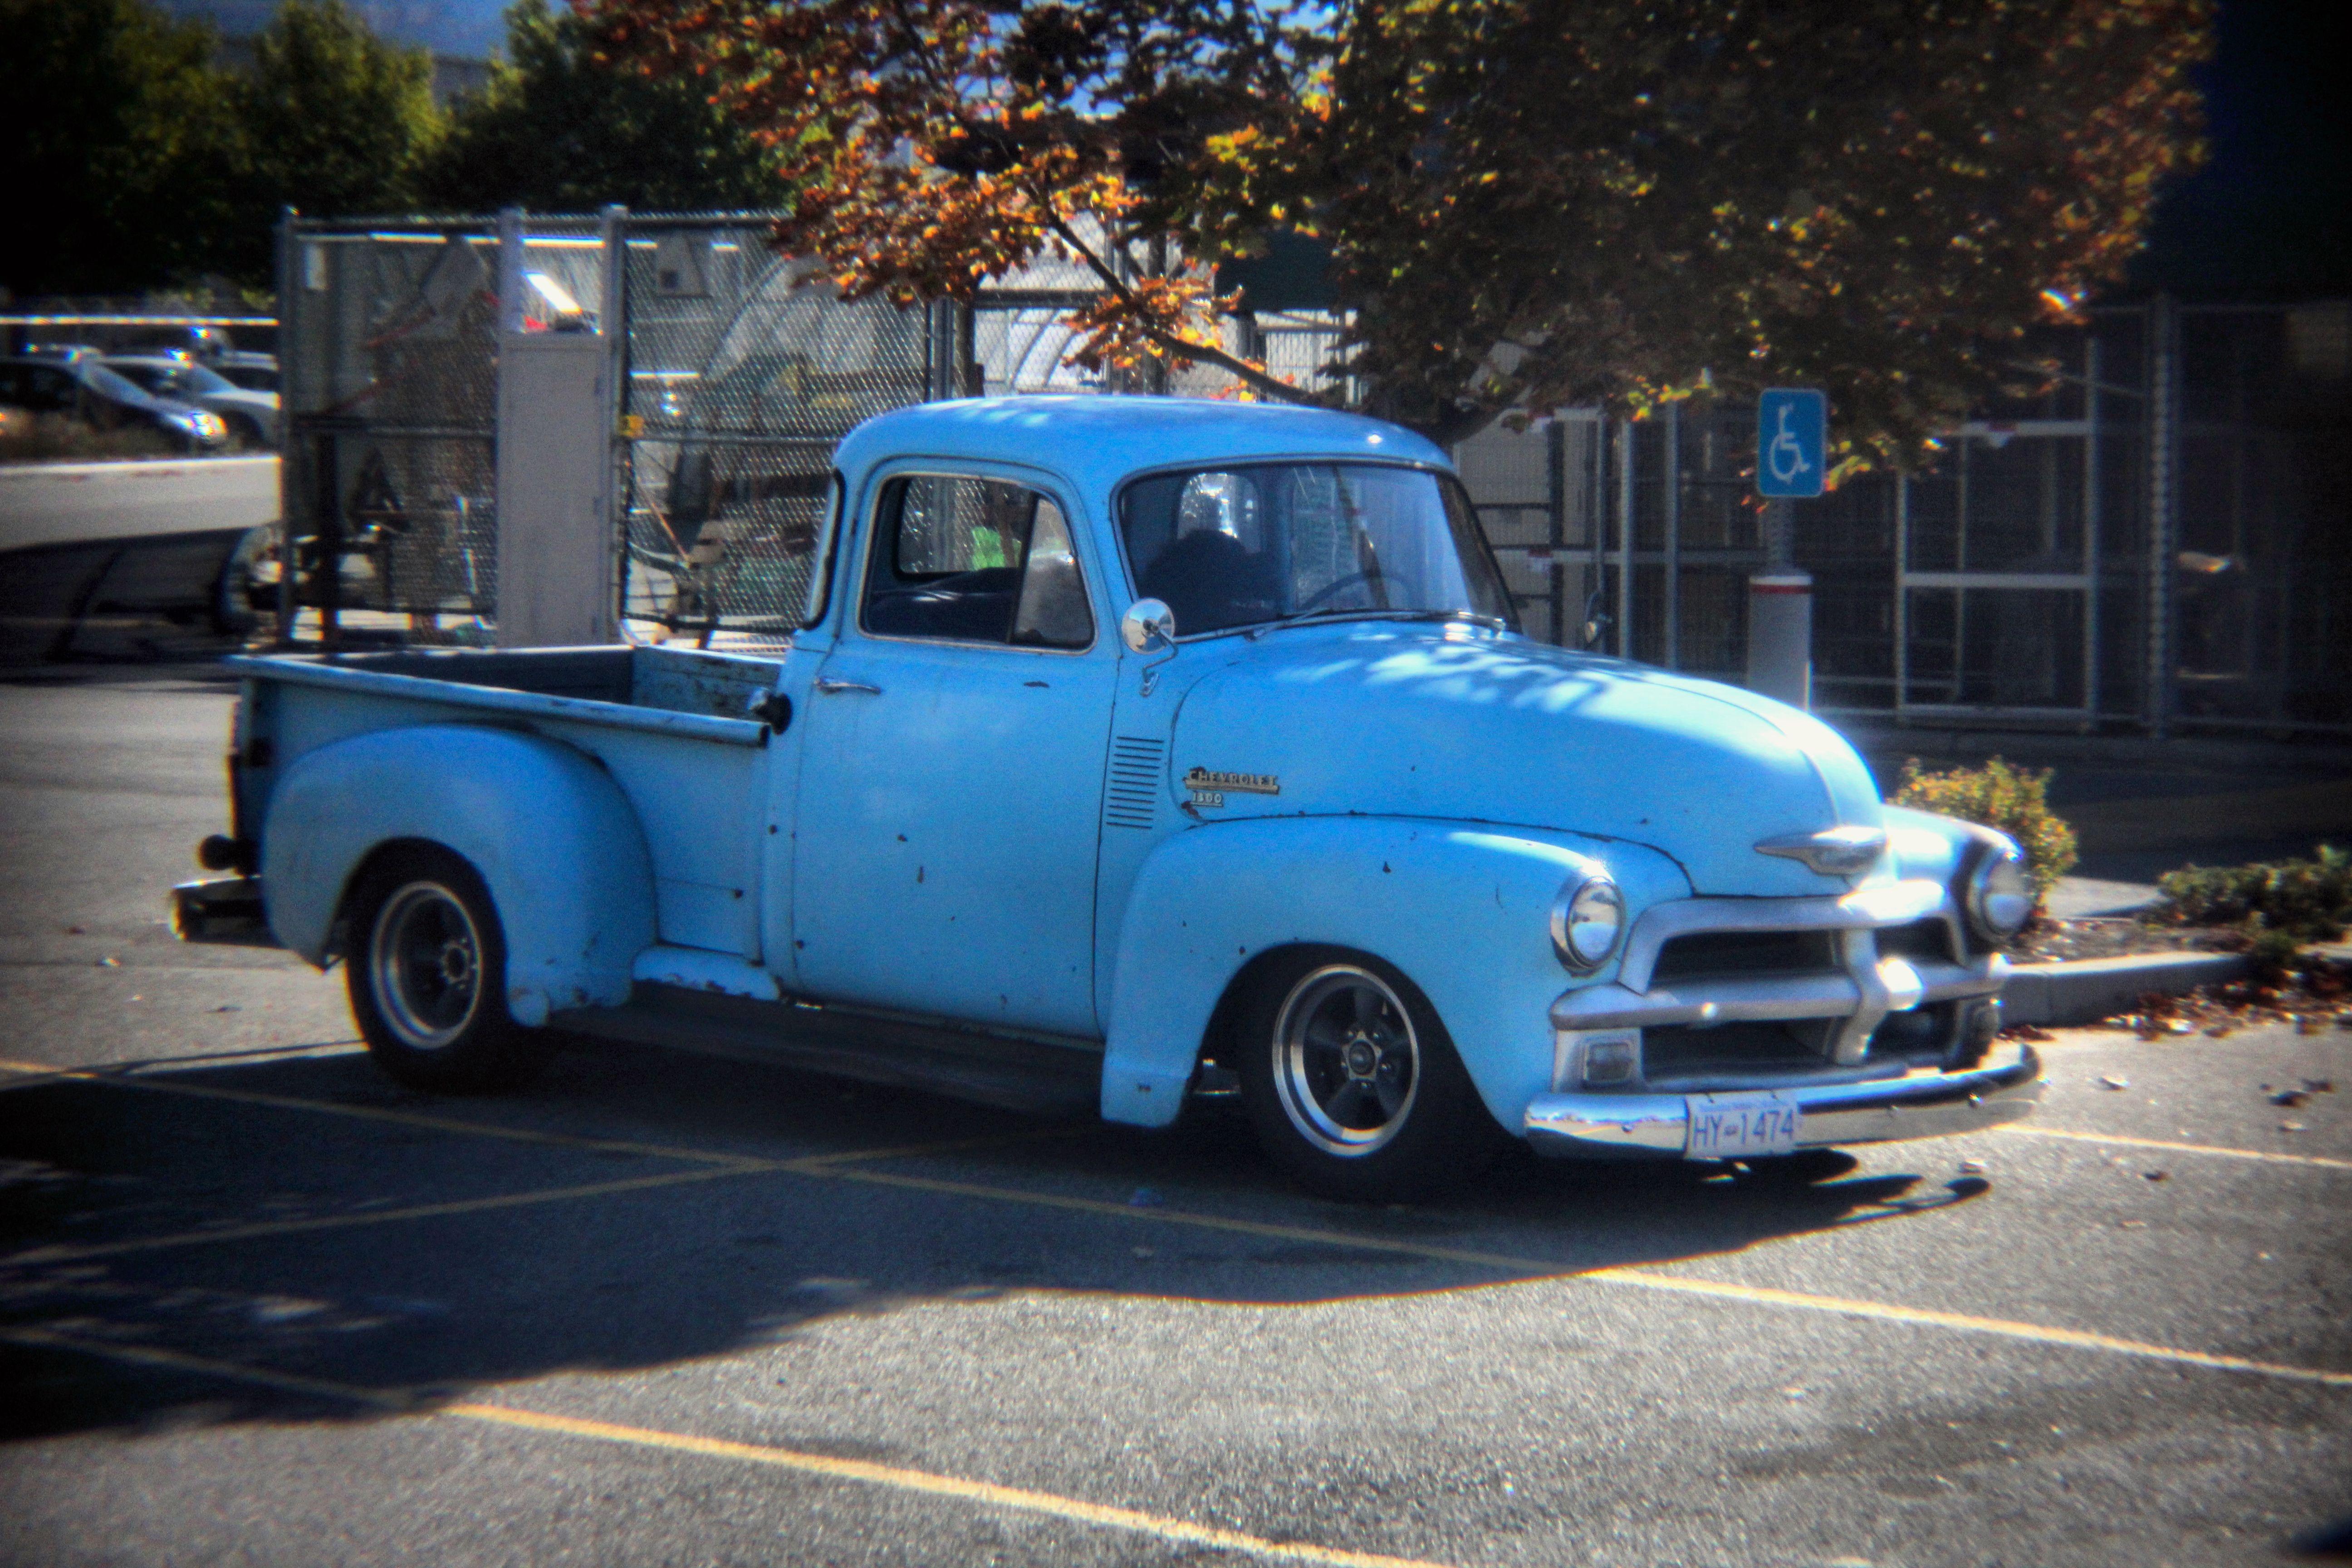 Free Images : vintage, old, blue, motor vehicle, bumper, holgalens ...